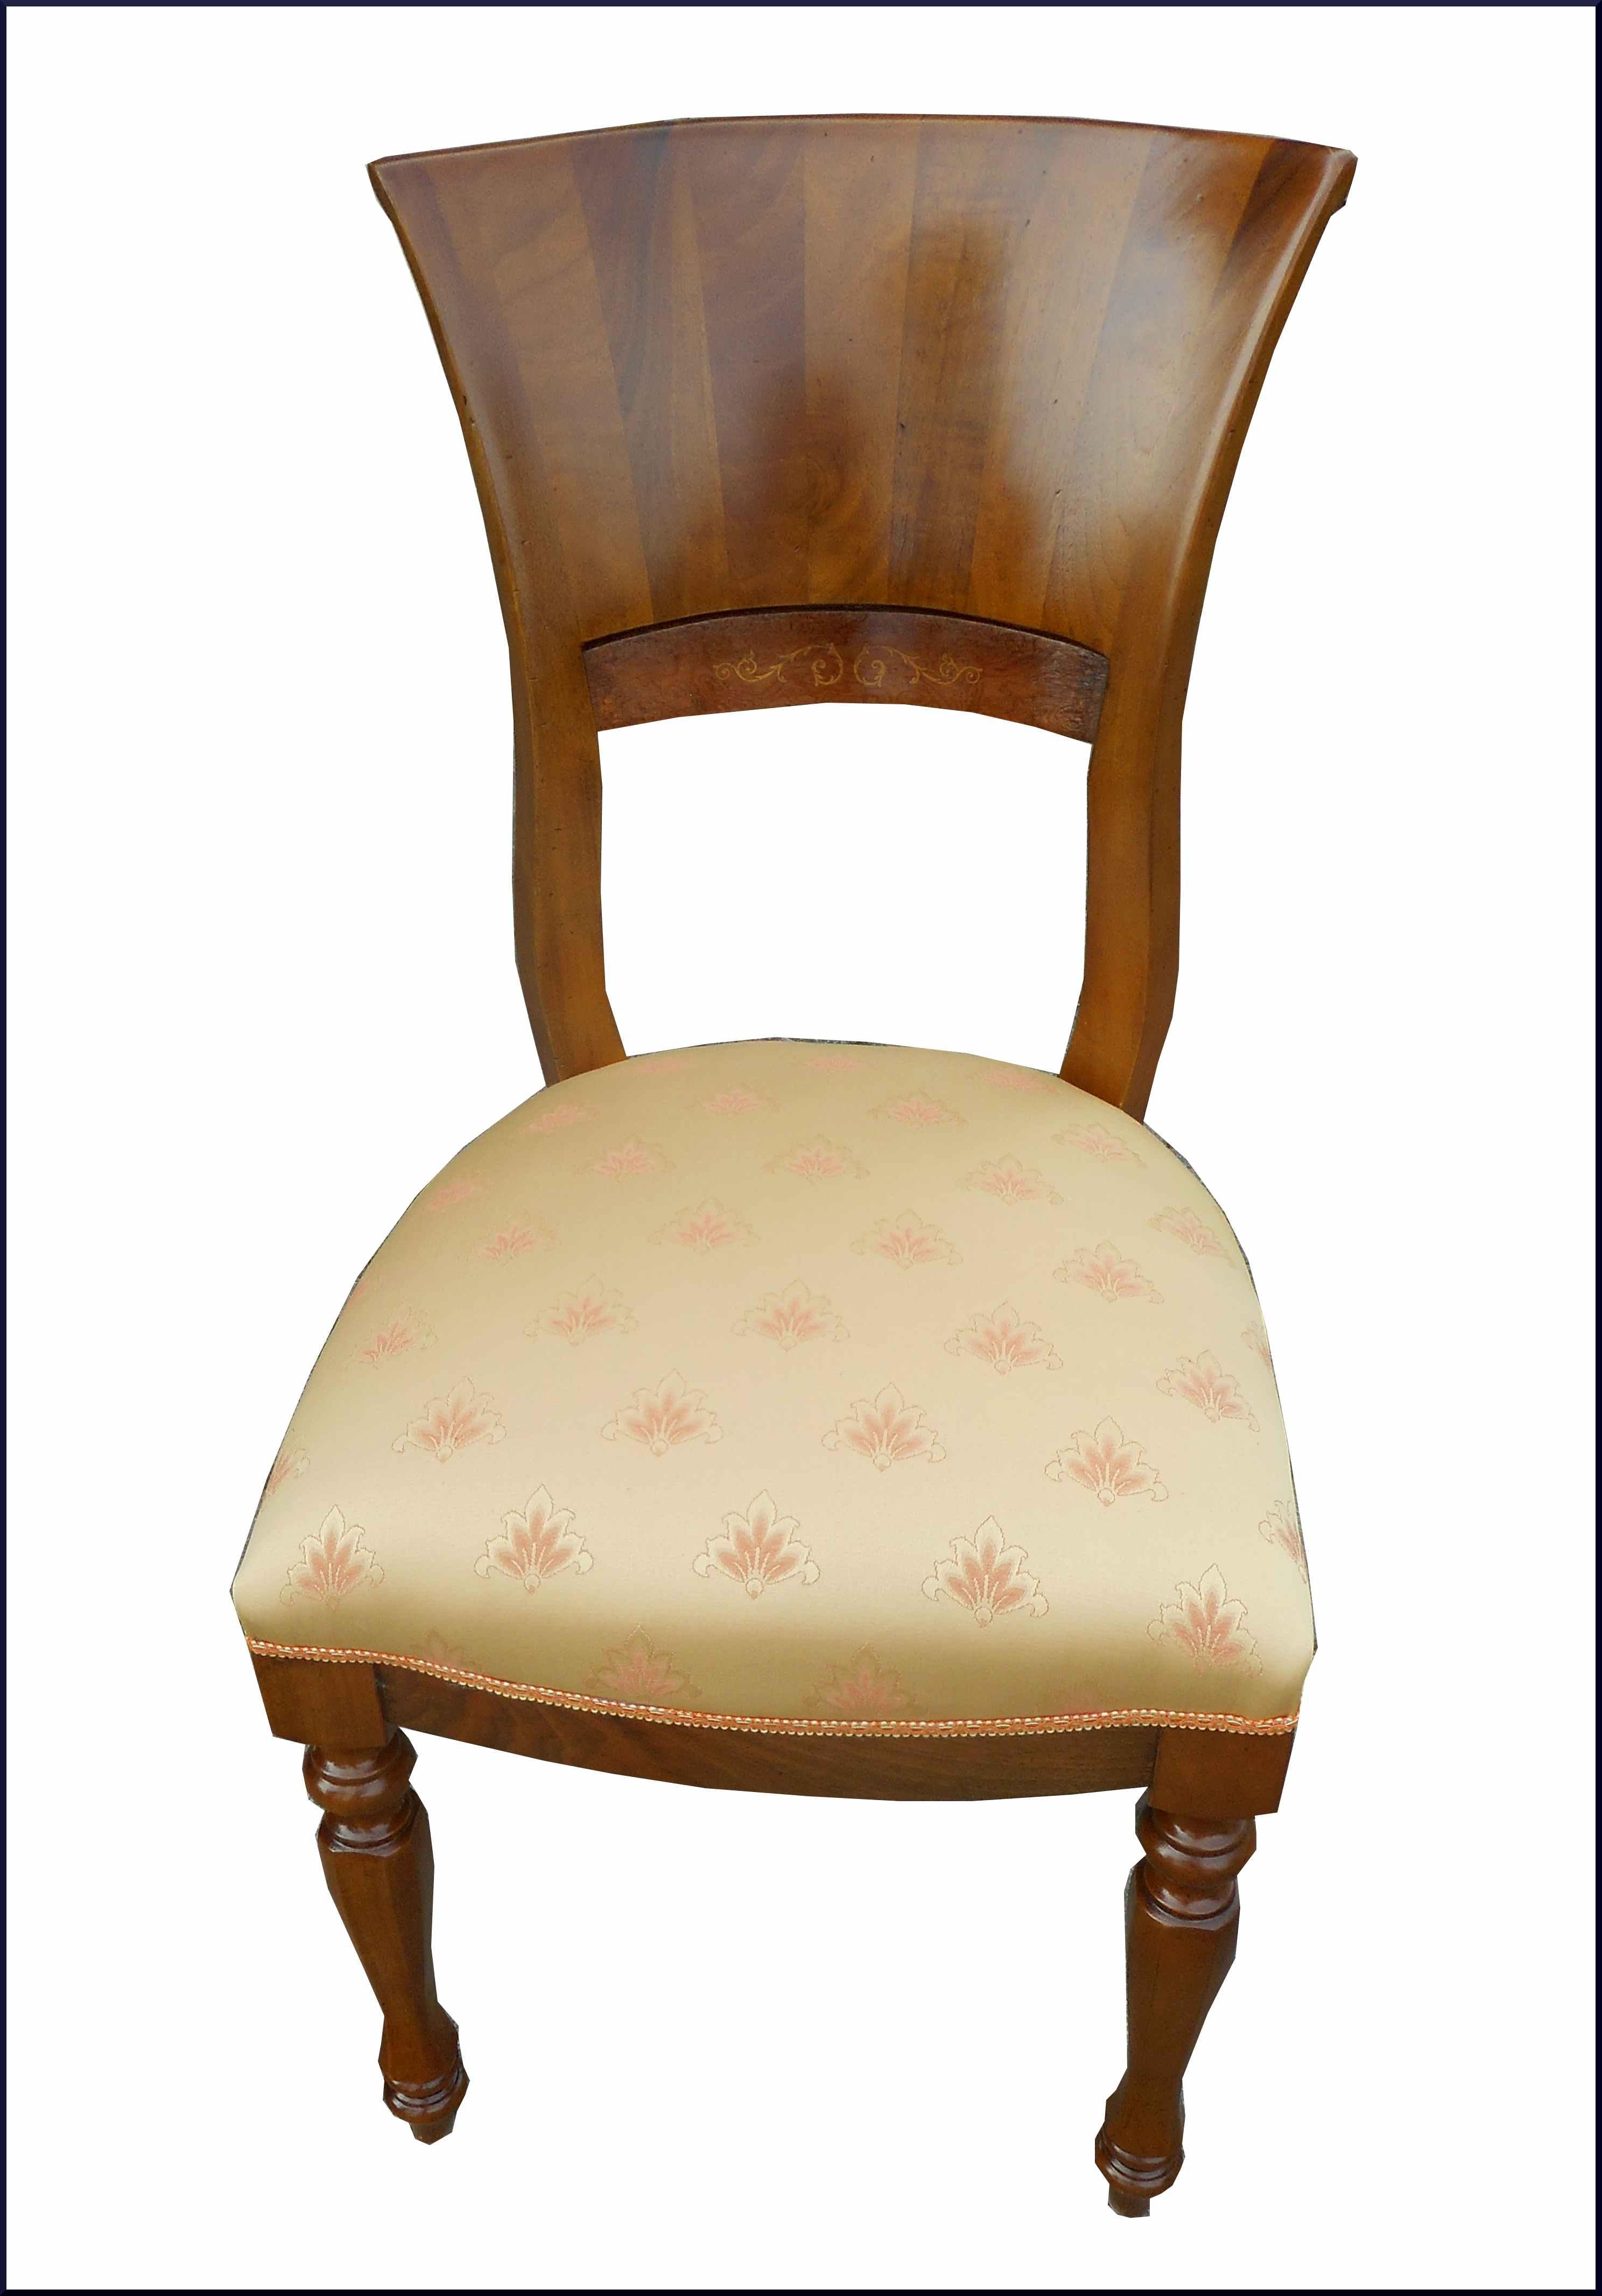 Quattro sedie artigianali intarsiate